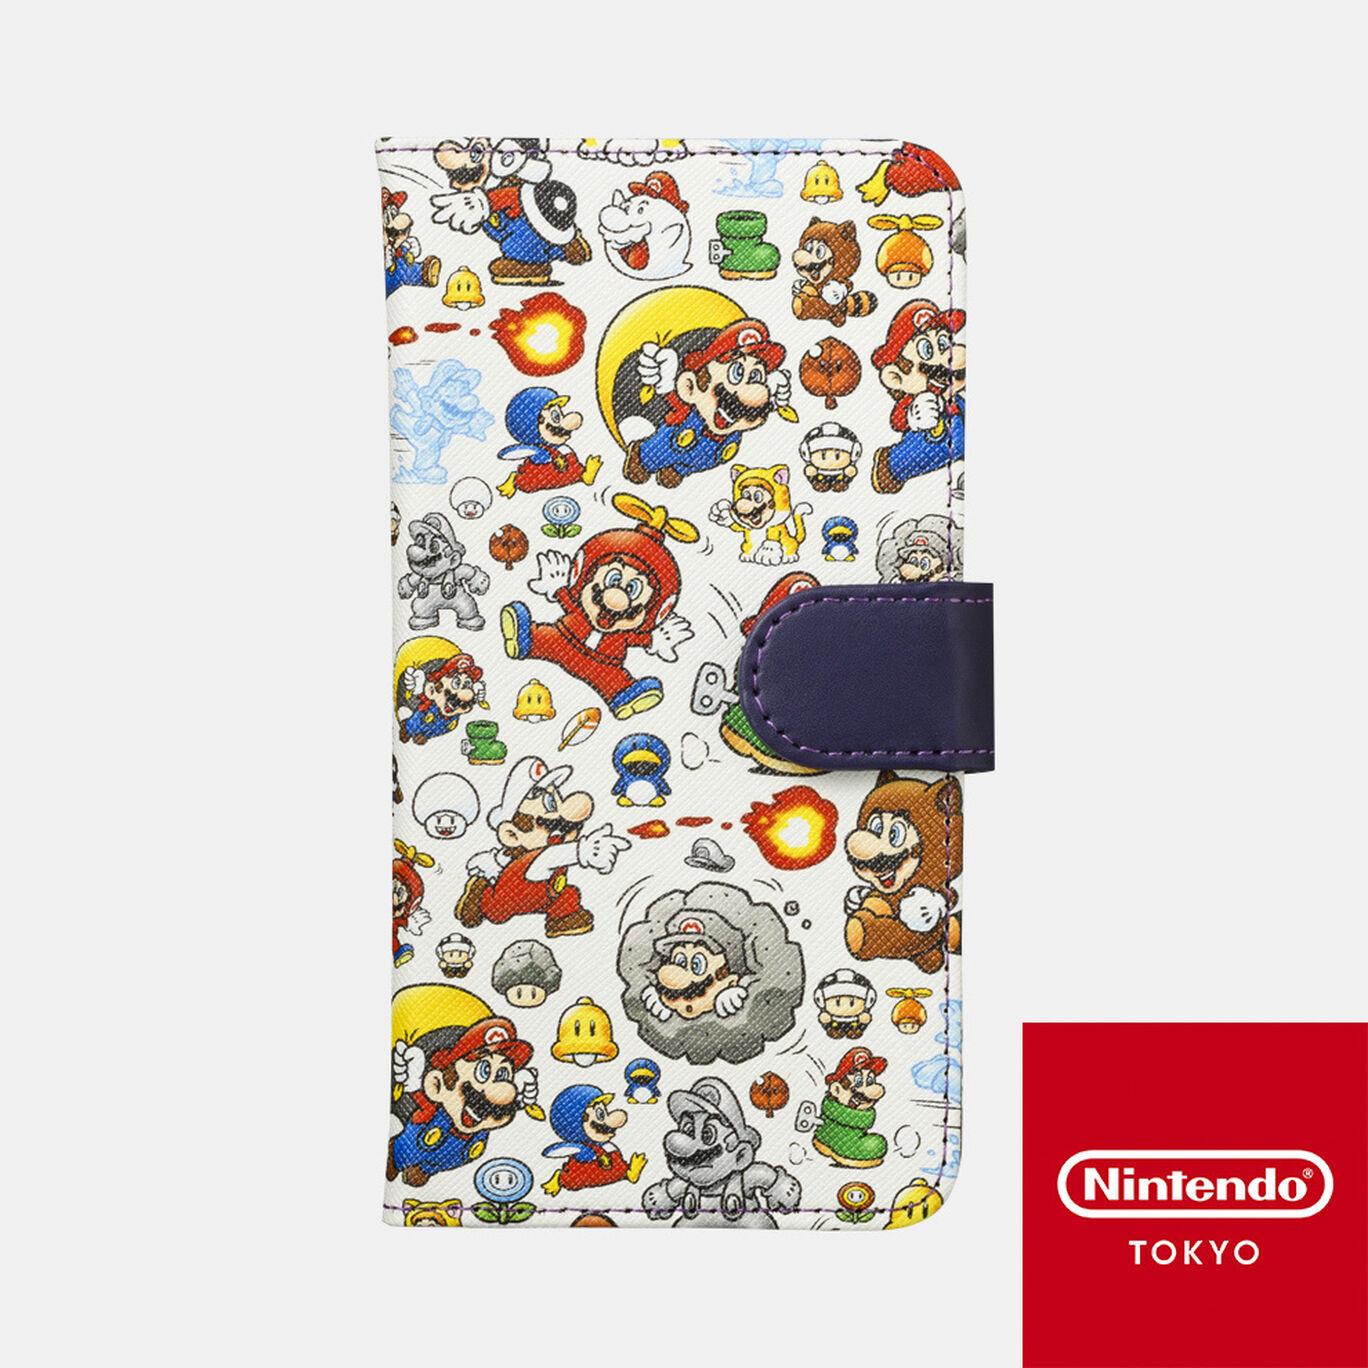 スマホケース スーパーマリオ パワーアップ マルチ対応【Nintendo TOKYO取り扱い商品】